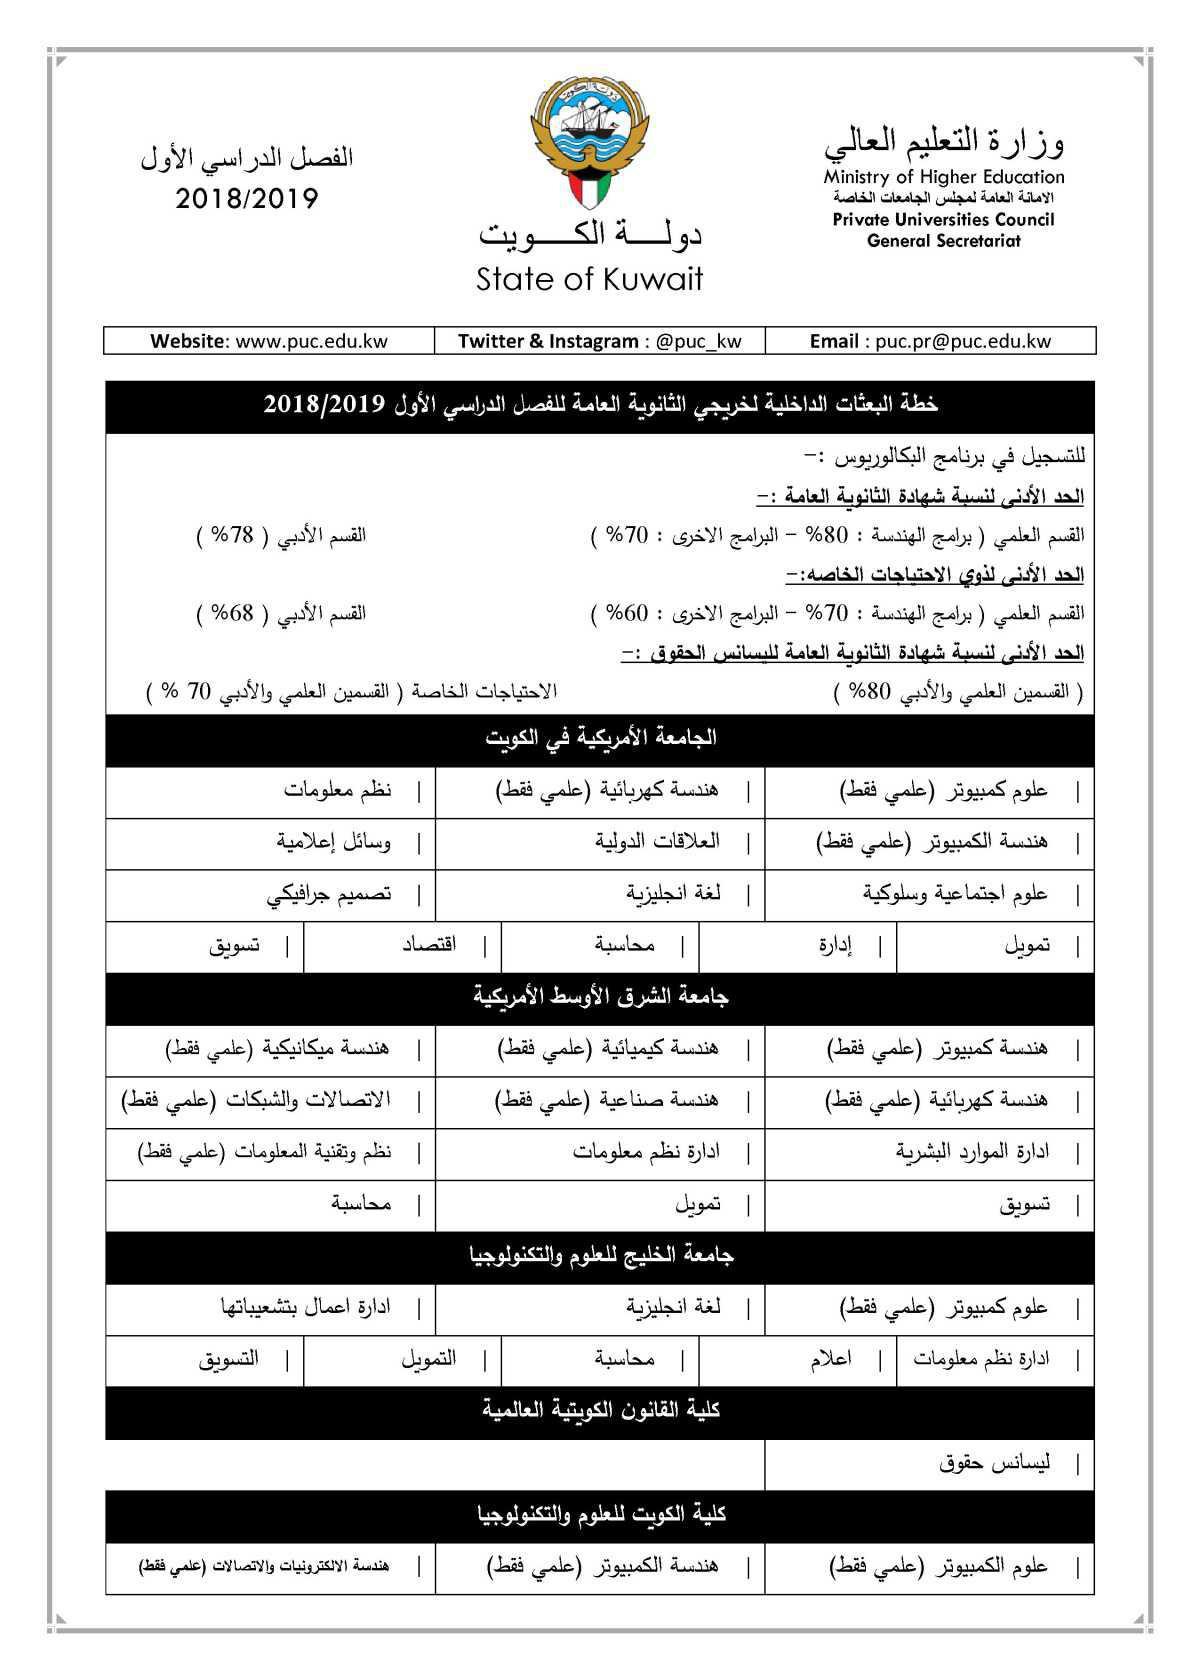 خطة البعثات الداخلية للفصل الأول السنة الدراسية 2019/2018